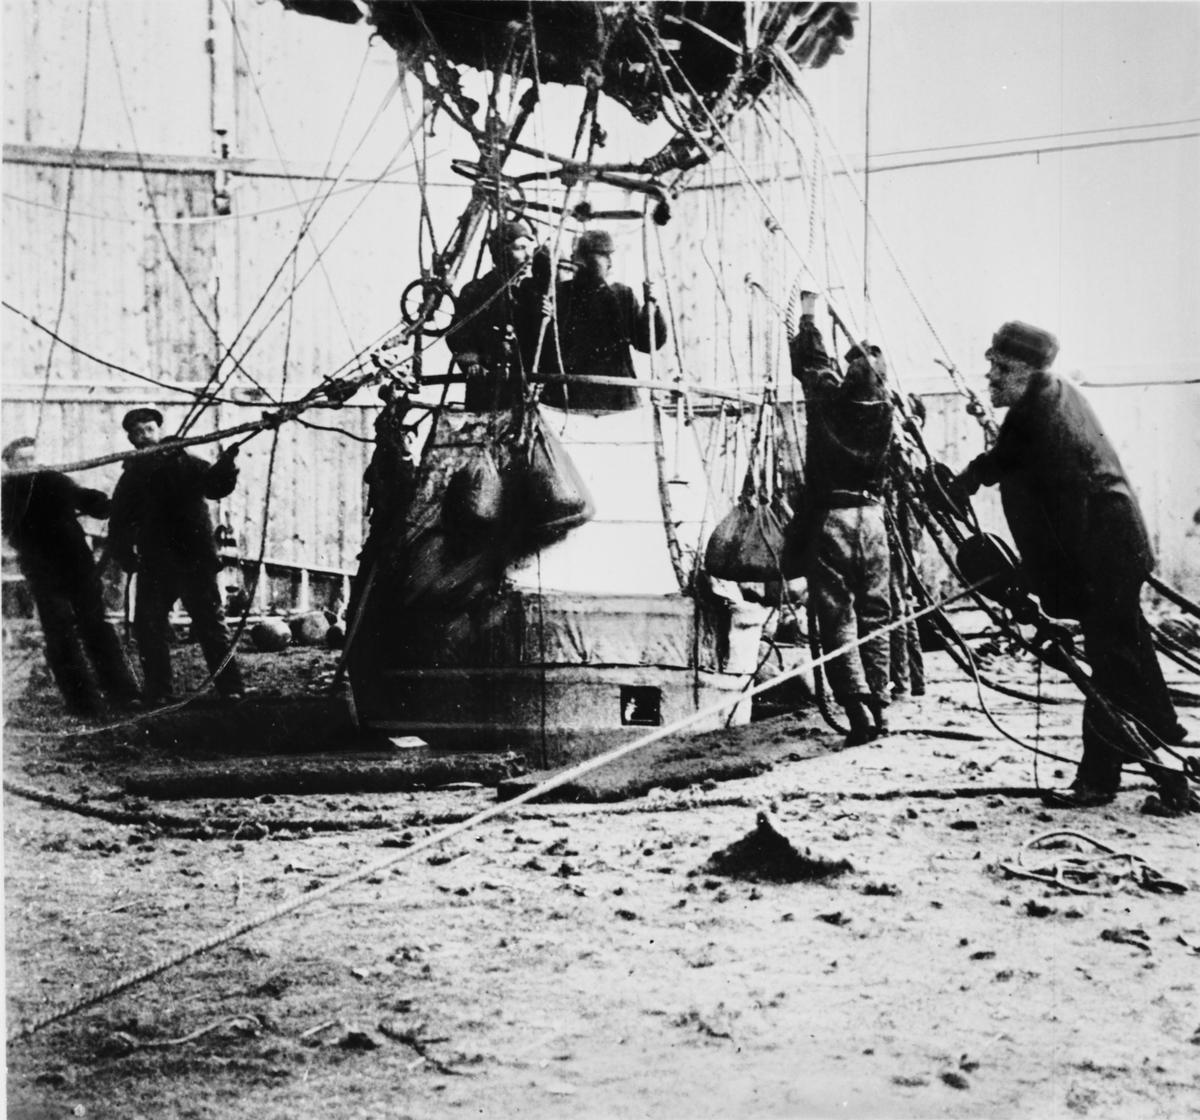 Någon minut före starten. I gondolen står Andrée längst till vänster, bredvid honom Strindberg. Mellan dem skymtar Fraenkels rygg och nacke.